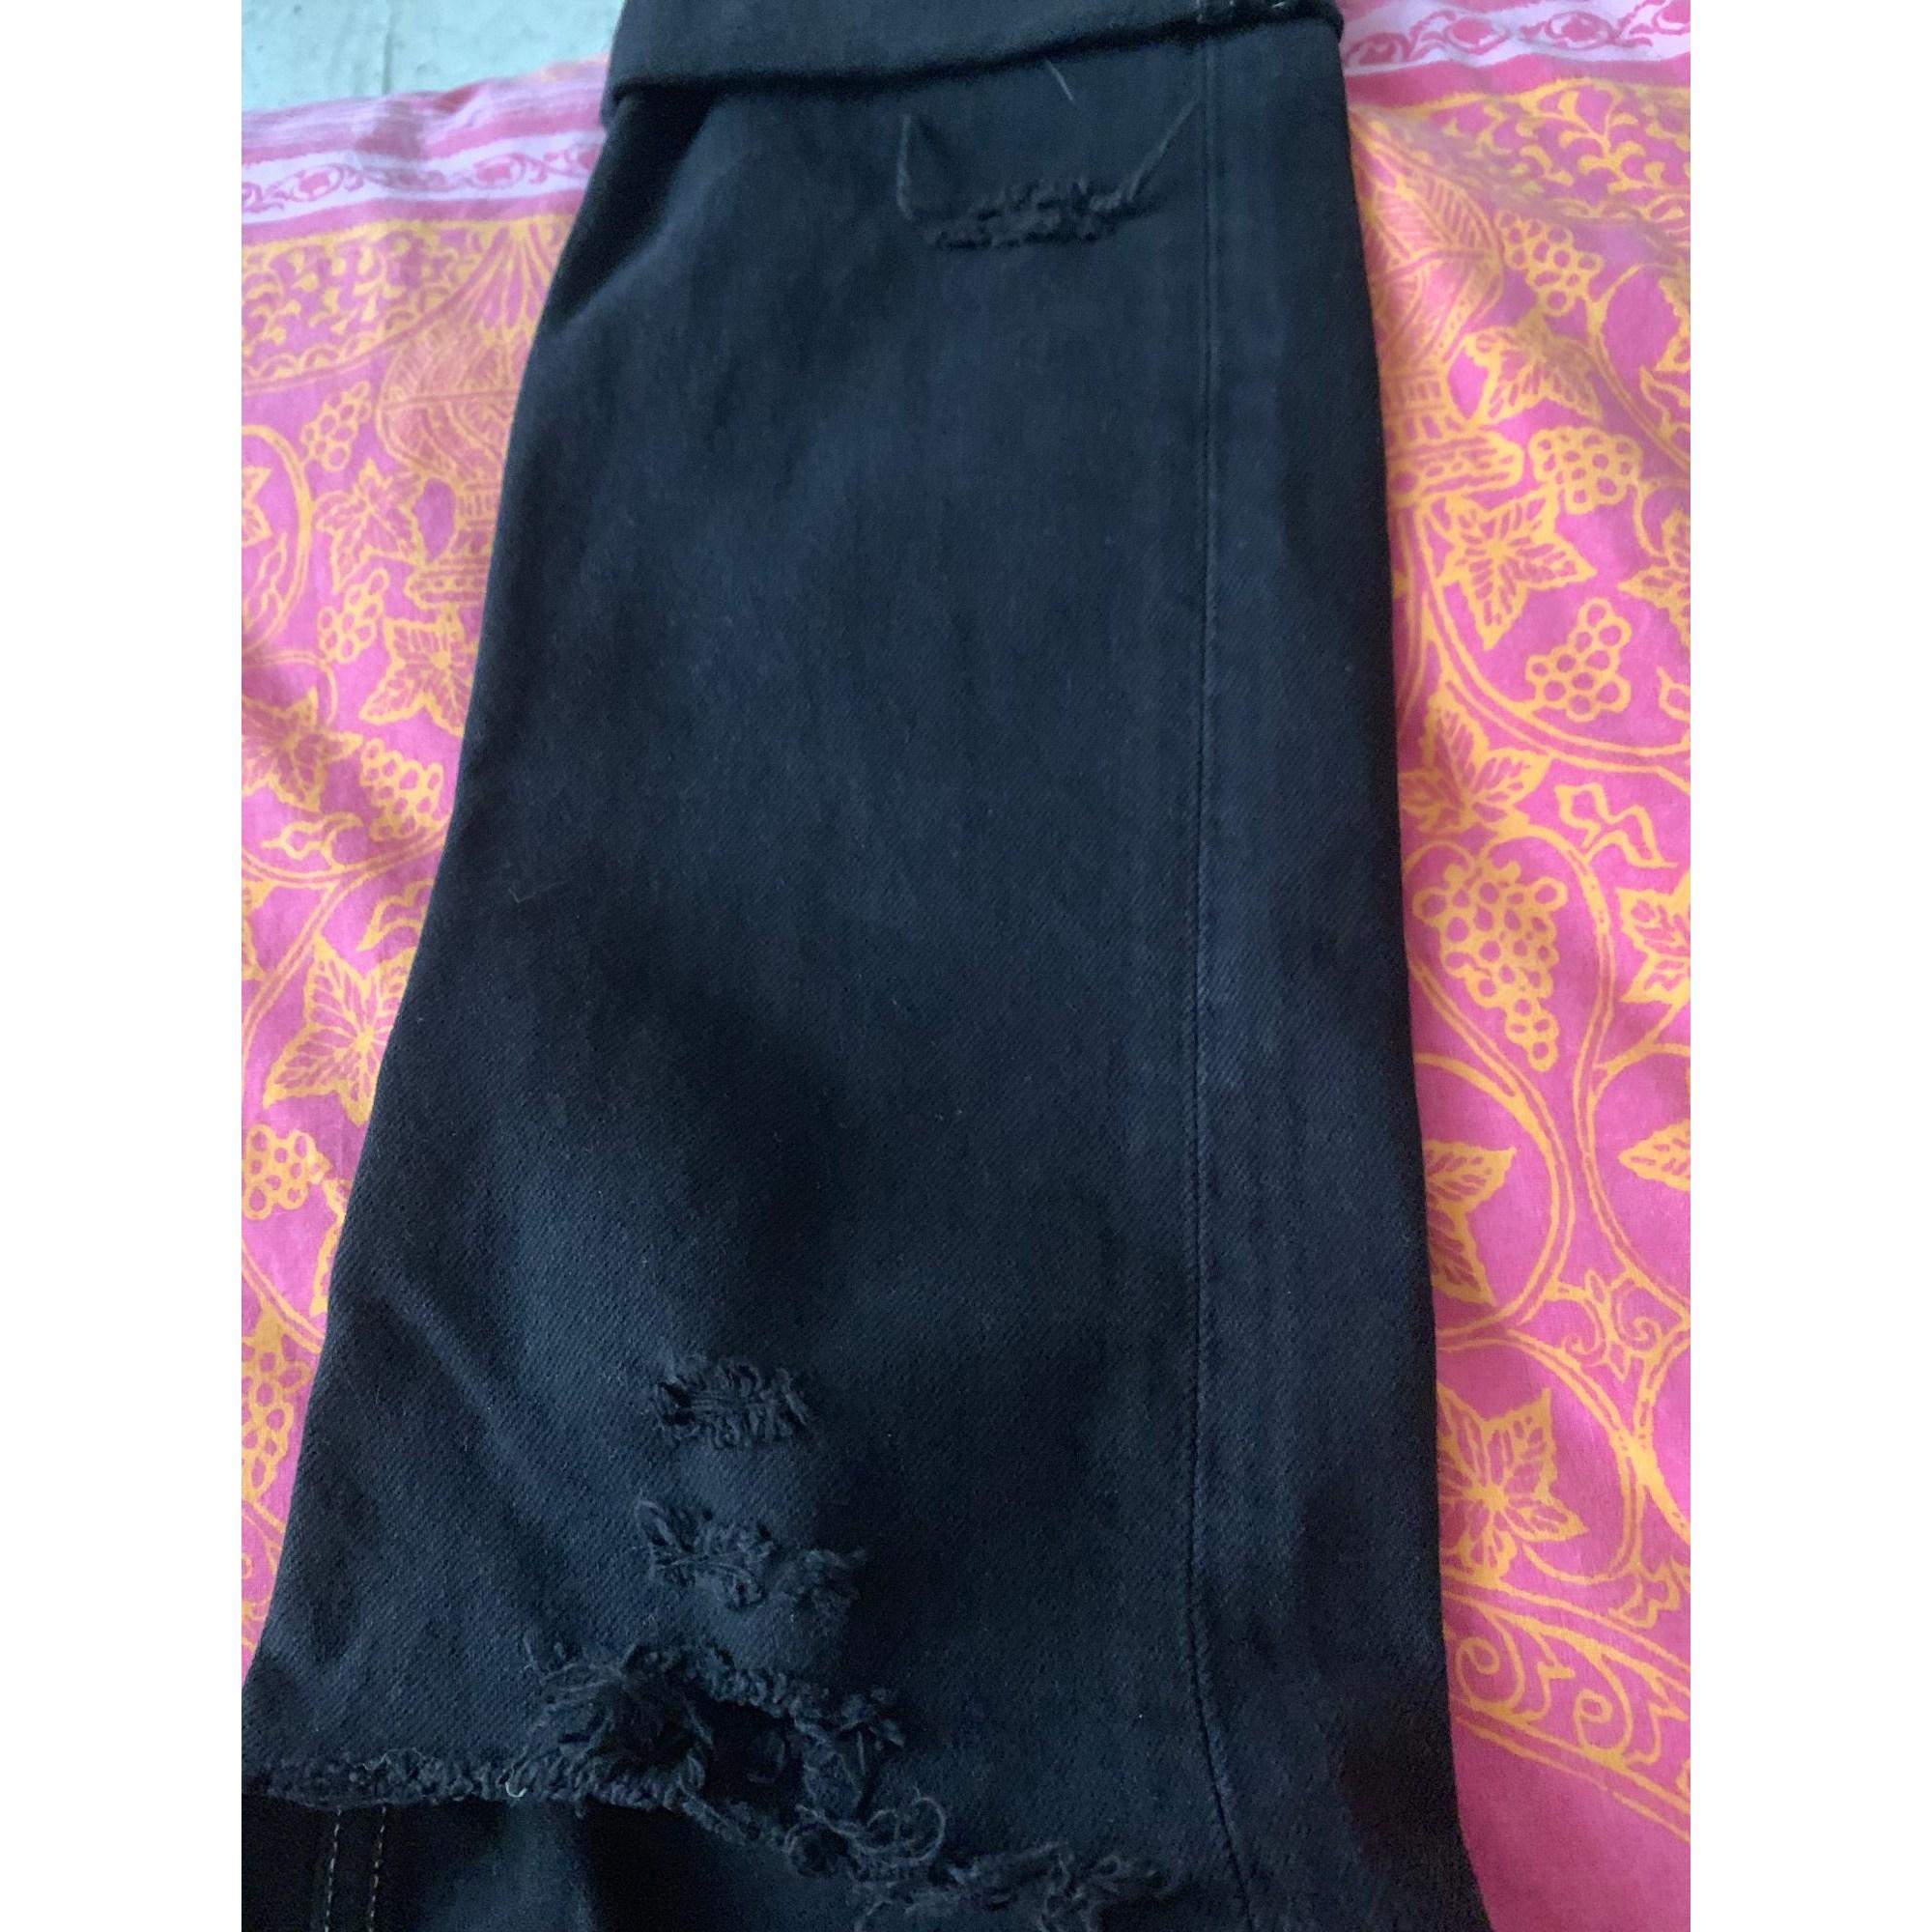 Jeans droit FORTE COUTURE Noir